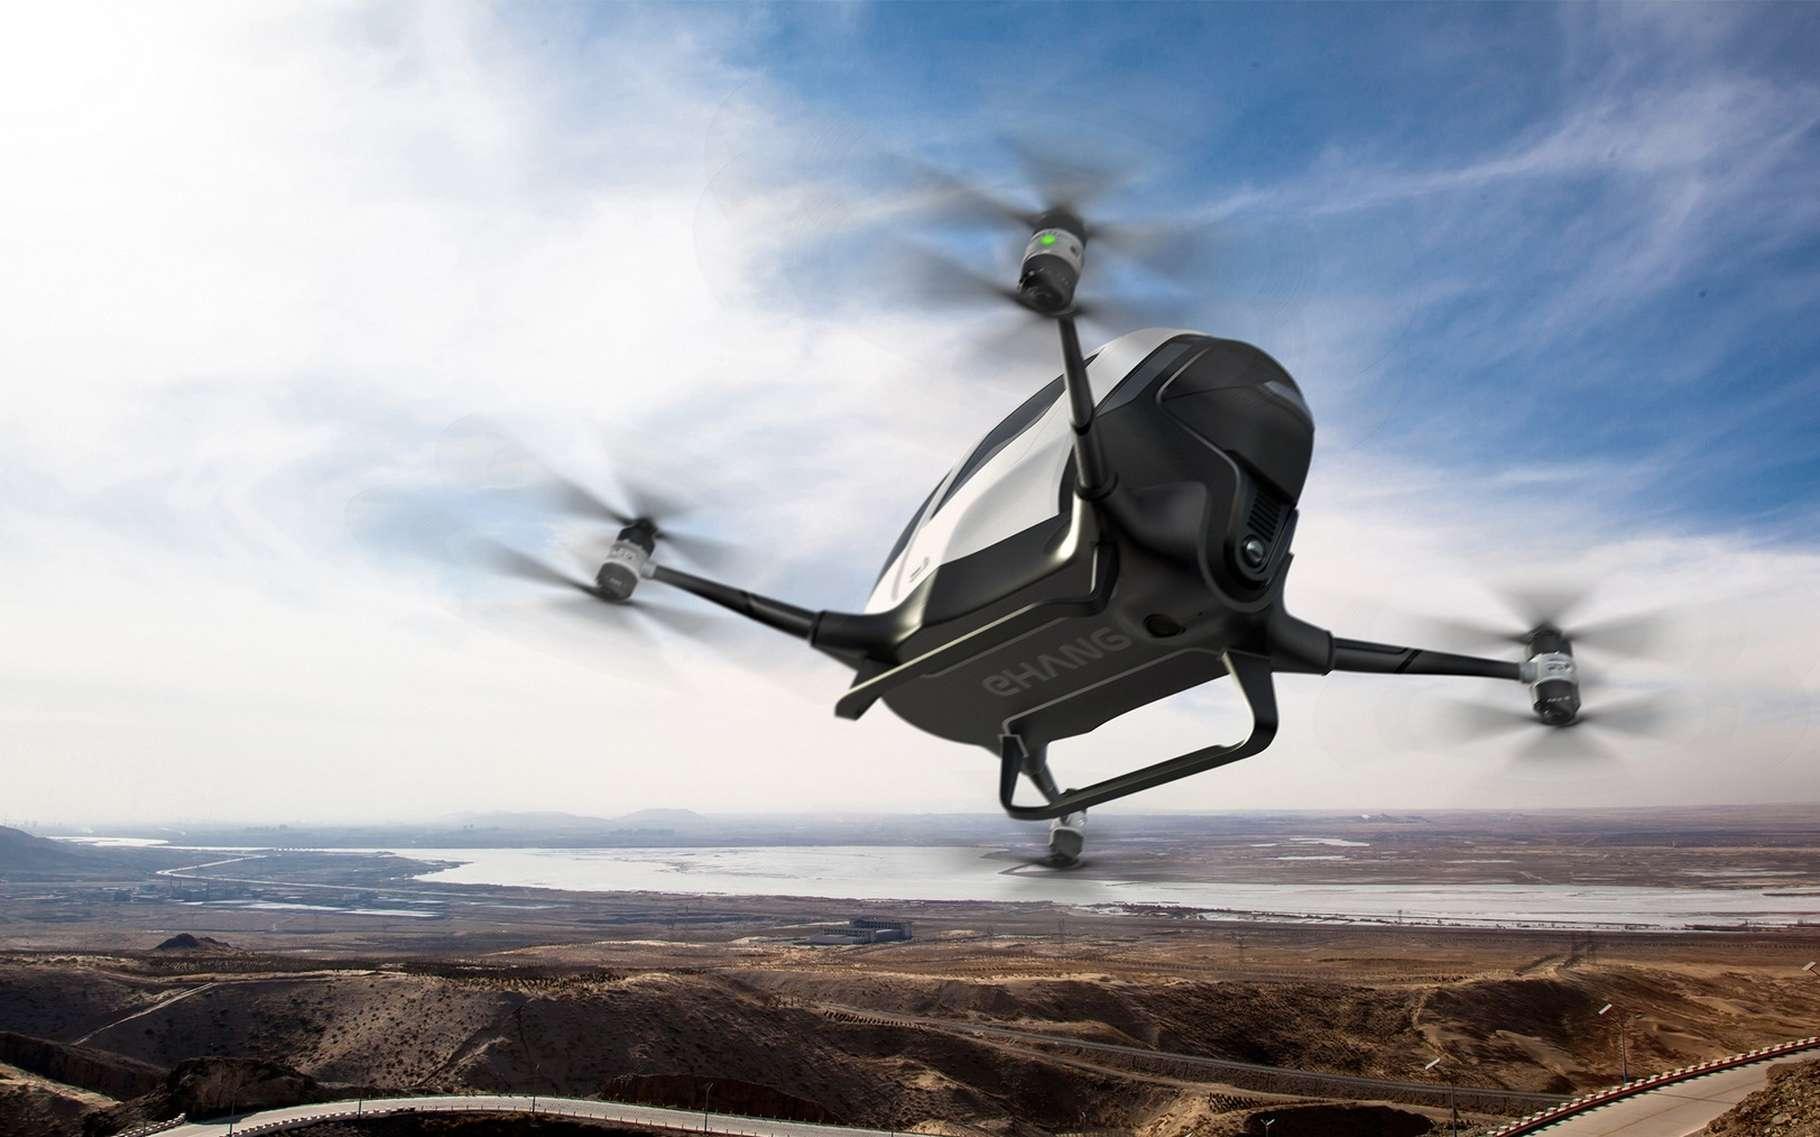 Le drone taxi Ehang 184 a été dévoilé lors du salon Consumer Electronics Show 2016. Il est équipé de quatre moteurs à double hélice et fonctionne avec une batterie lithium-polymère de 14,4 kWh qui lui assure 23 minutes d'autonomie. © Ehang